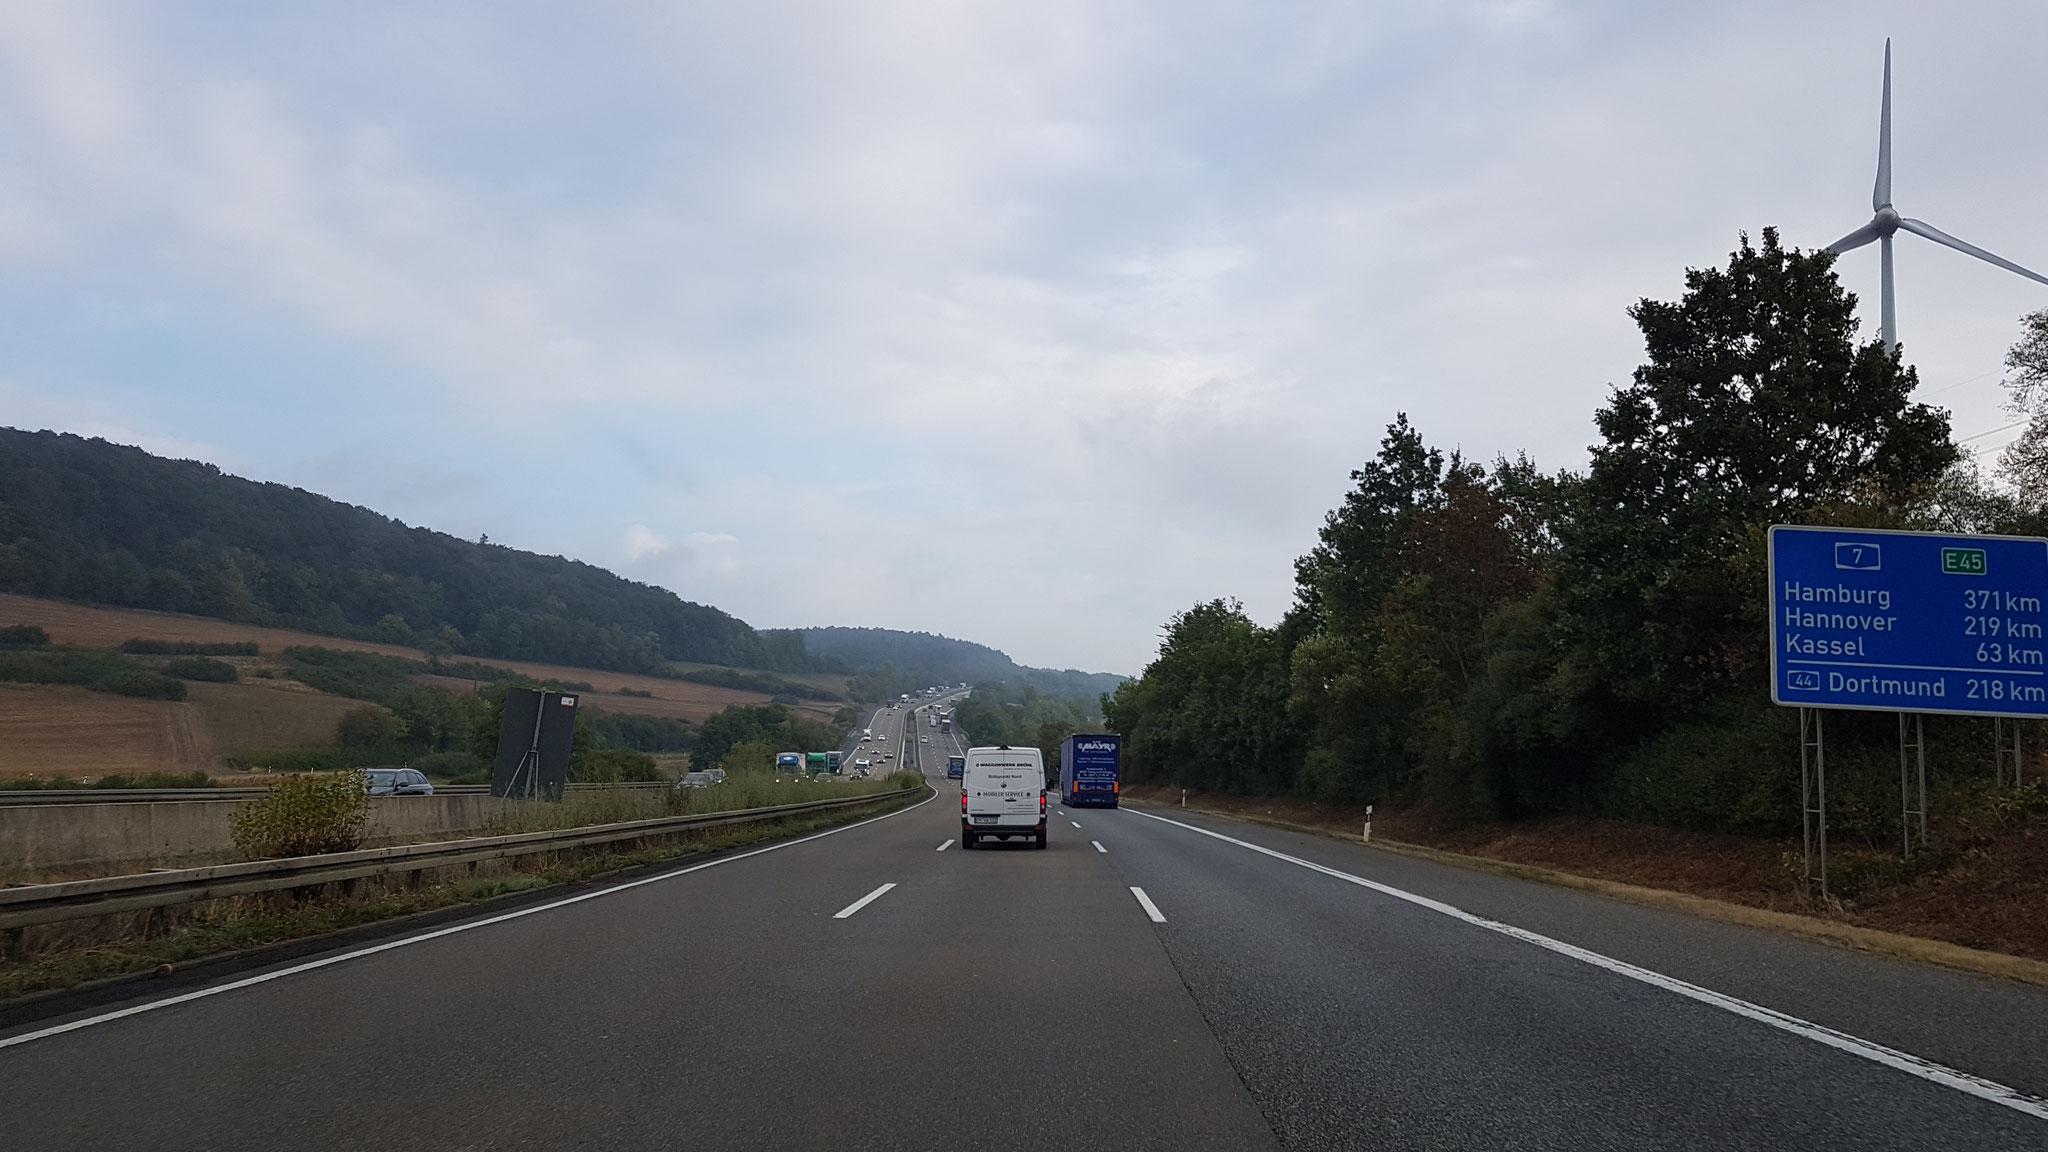 Schon 370 km vor Hamburg!